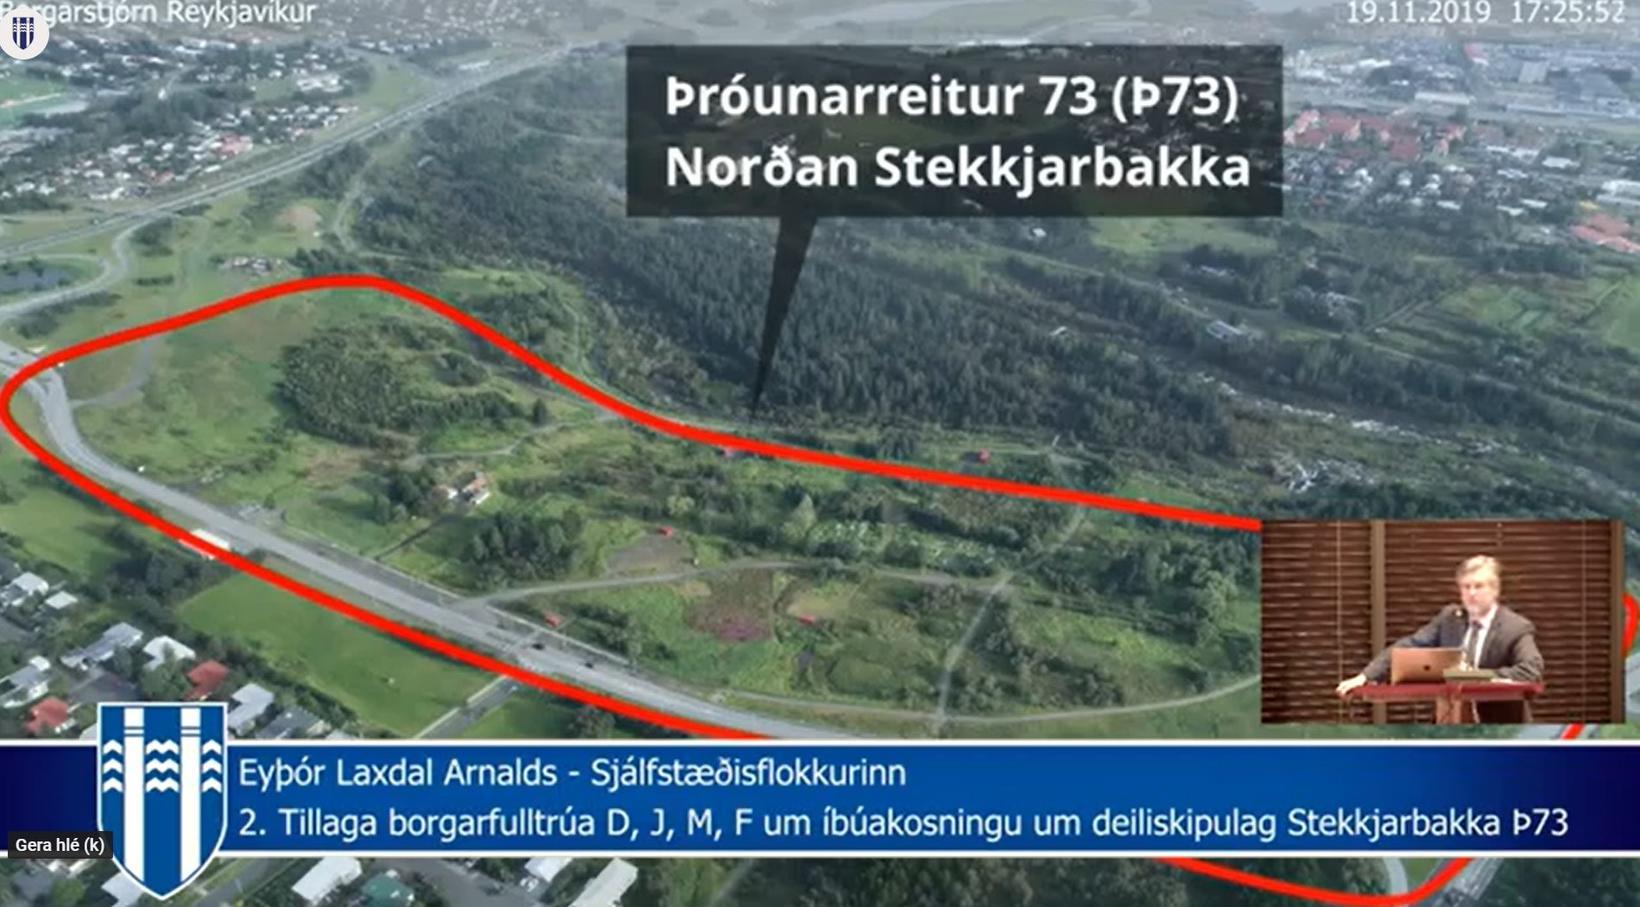 Eyþór Arnalds birti þessa mynd af þróunarreitnum og sagði að ...